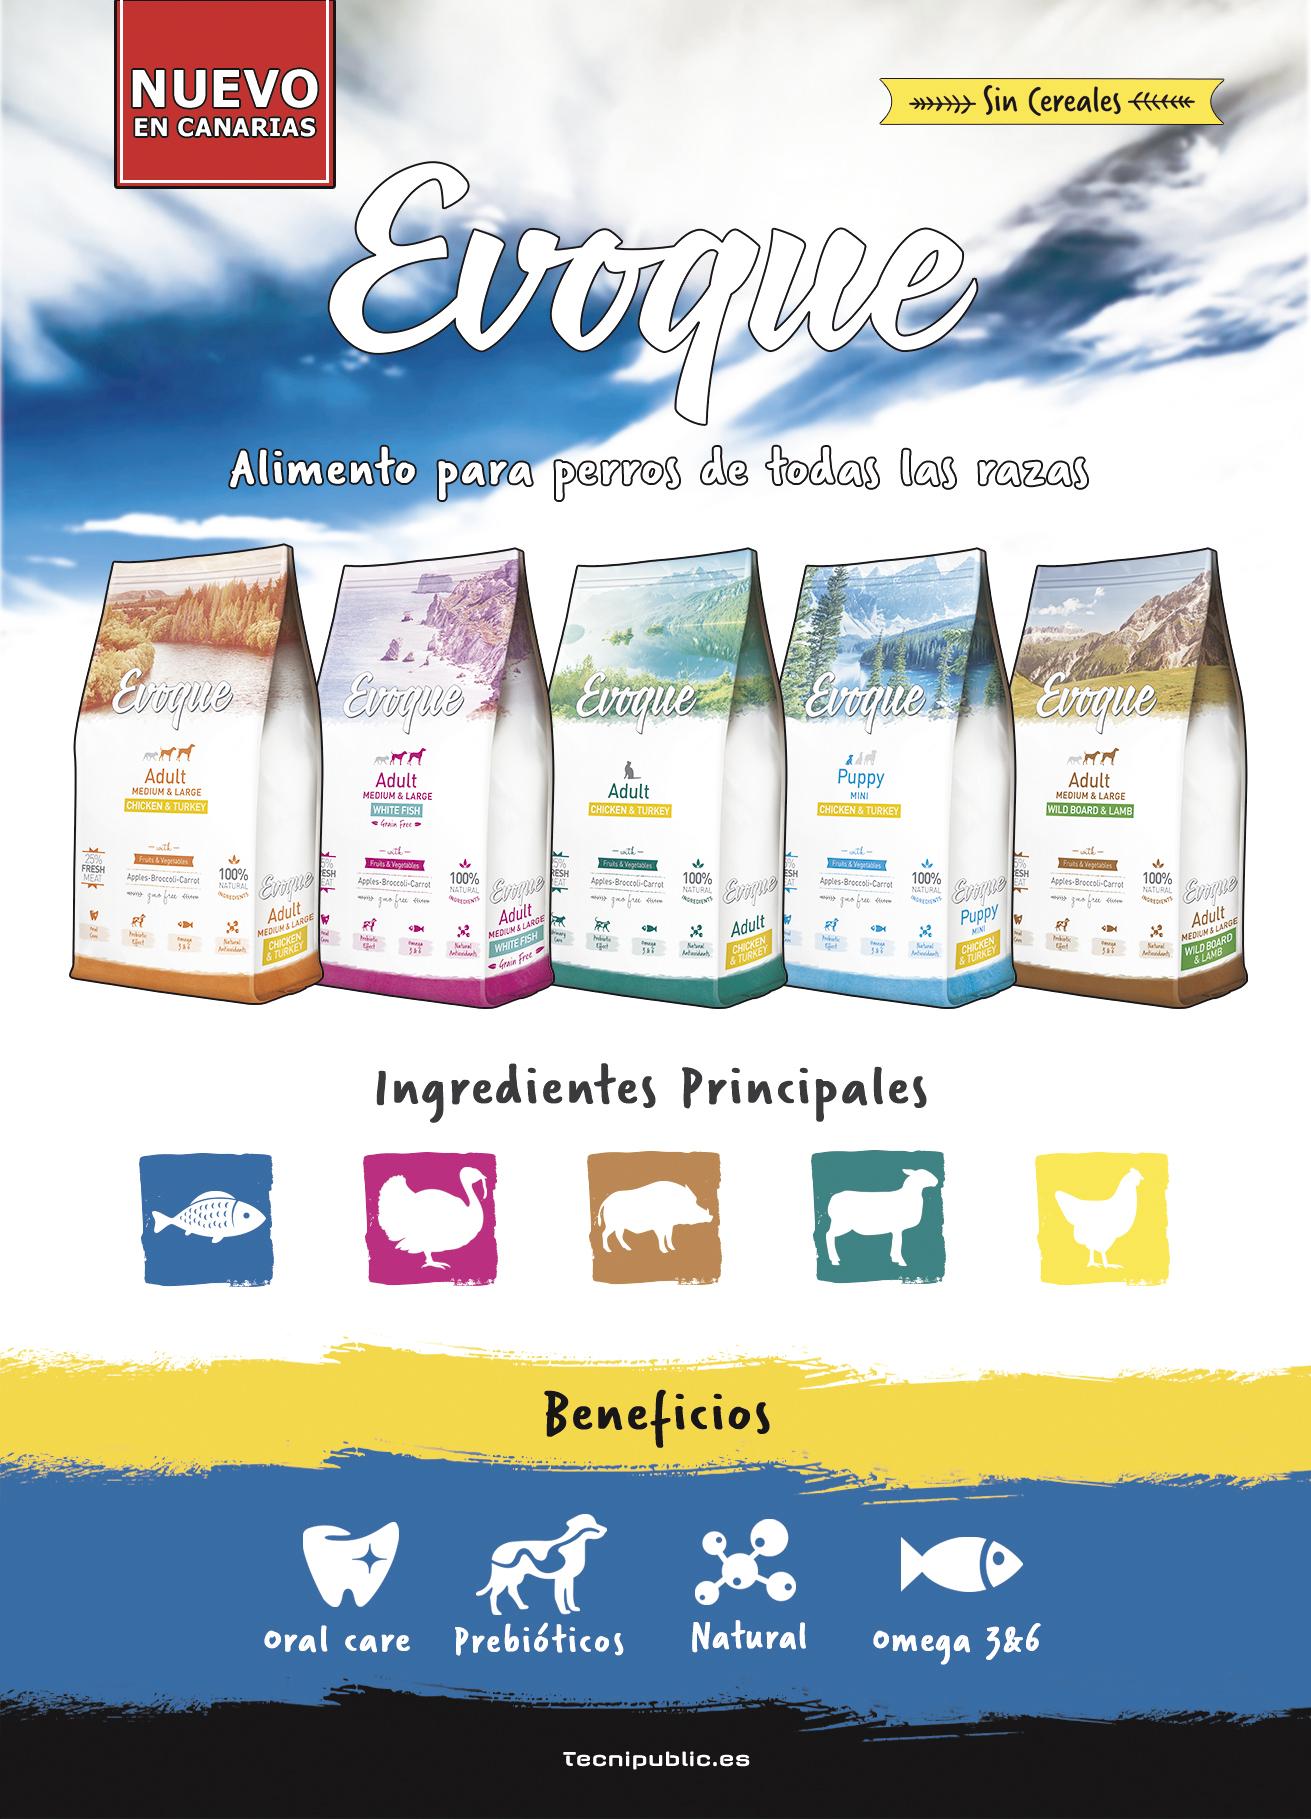 Publicidad Evoque - 2017